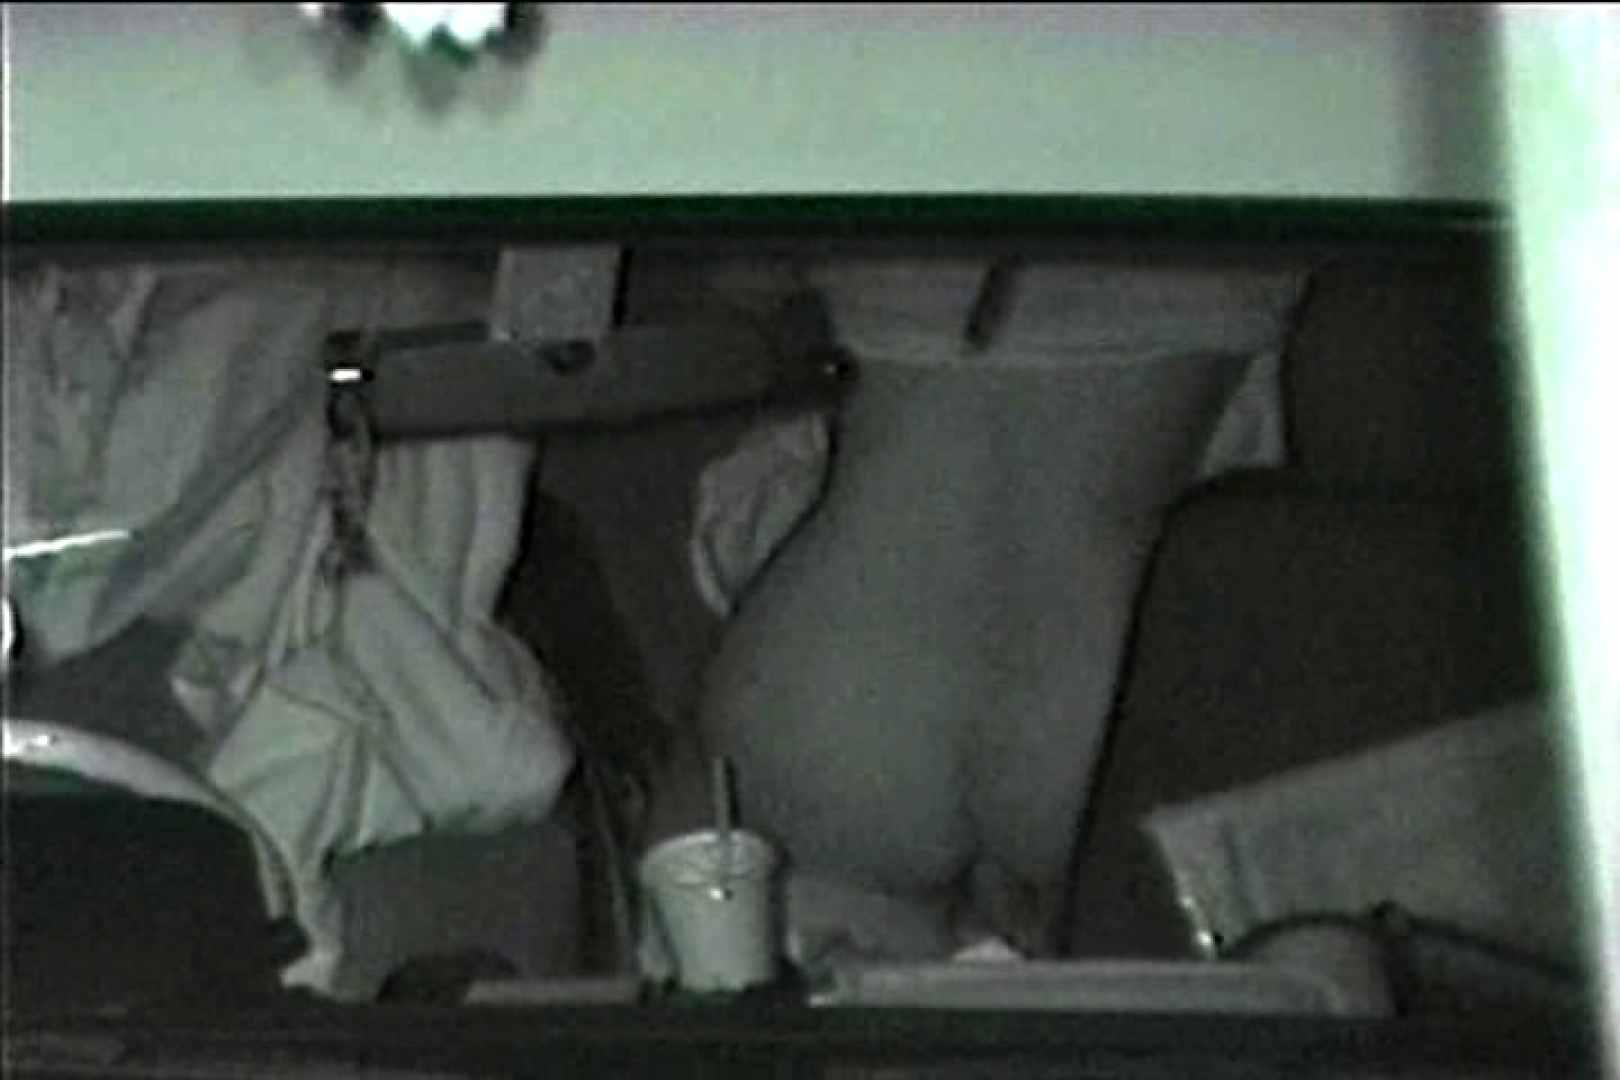 車の中はラブホテル 無修正版  Vol.7 ホテル SEX無修正画像 81pic 15